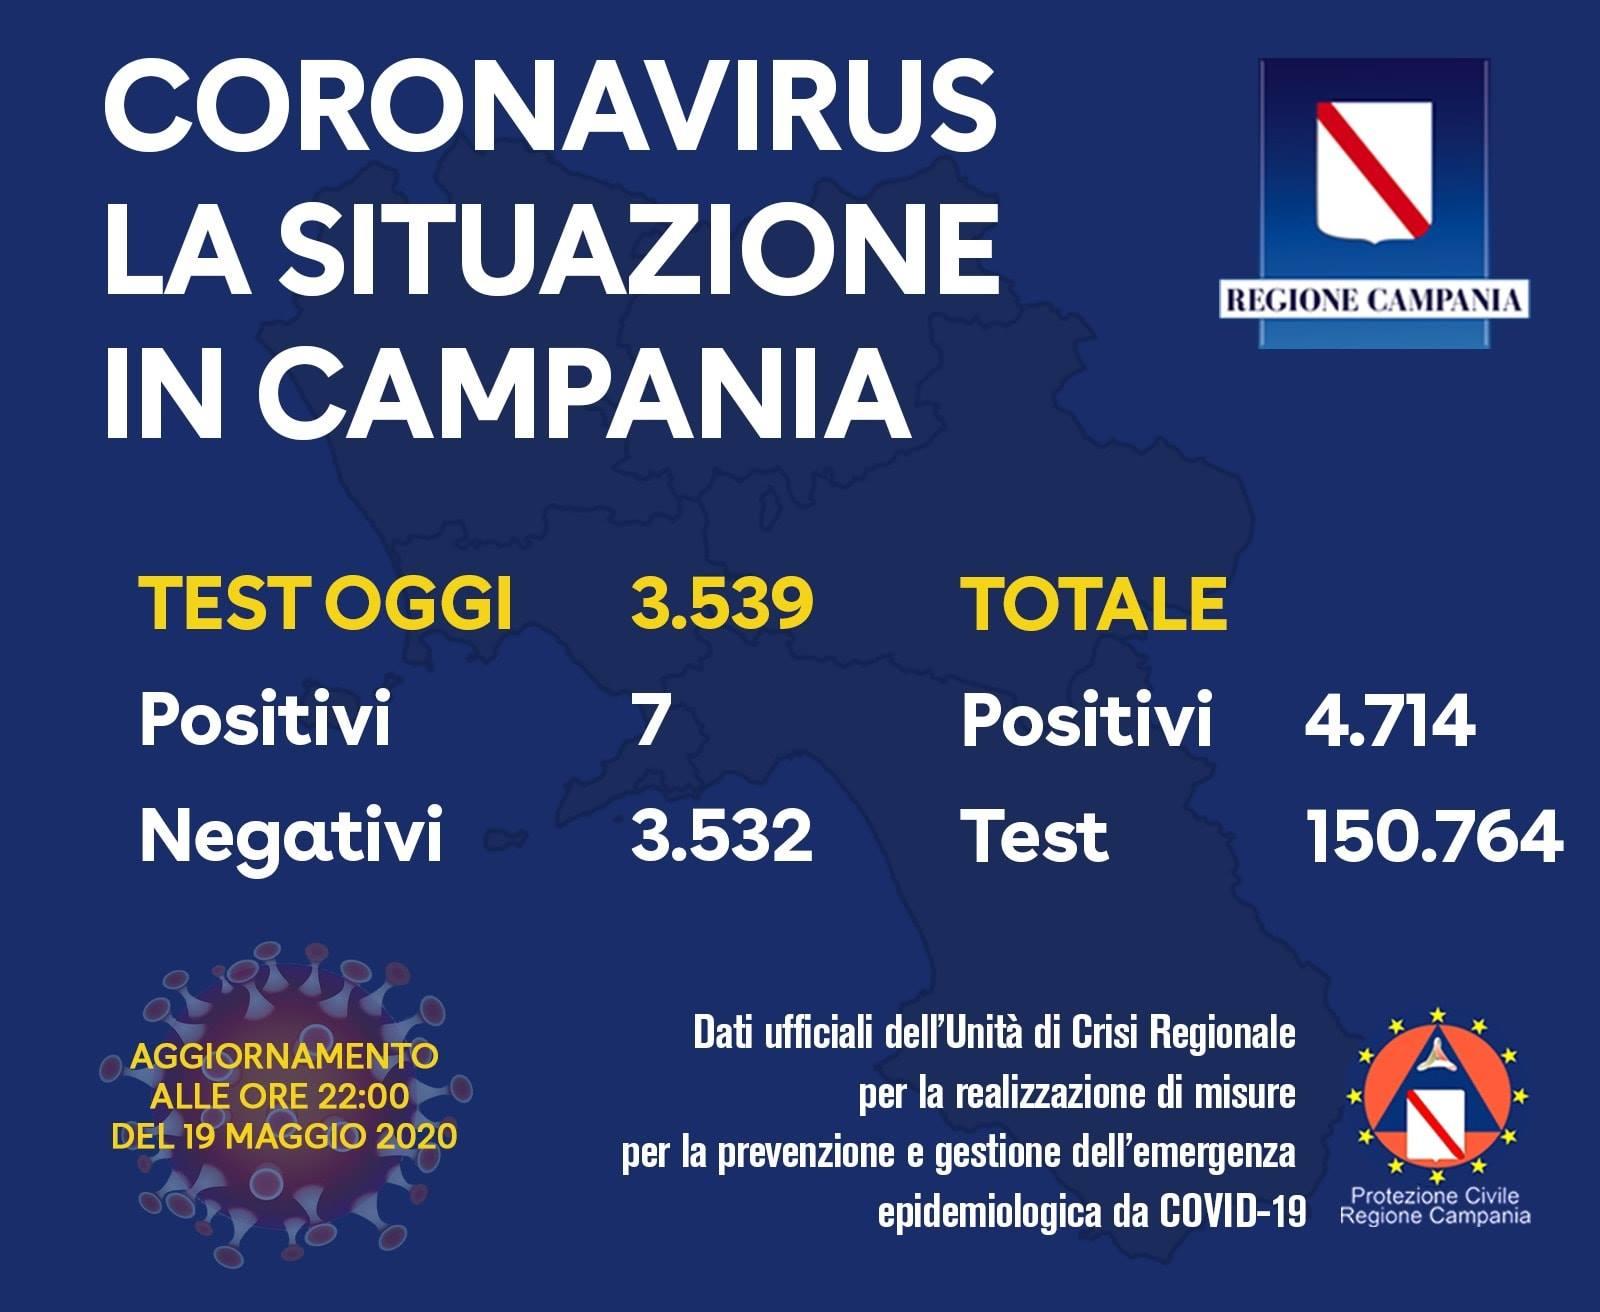 98368397 3459346474094920 4605064304138387456 o - Regione Campania: IL BOLLETTINO DEI TAMPONI DEL 19/5/20